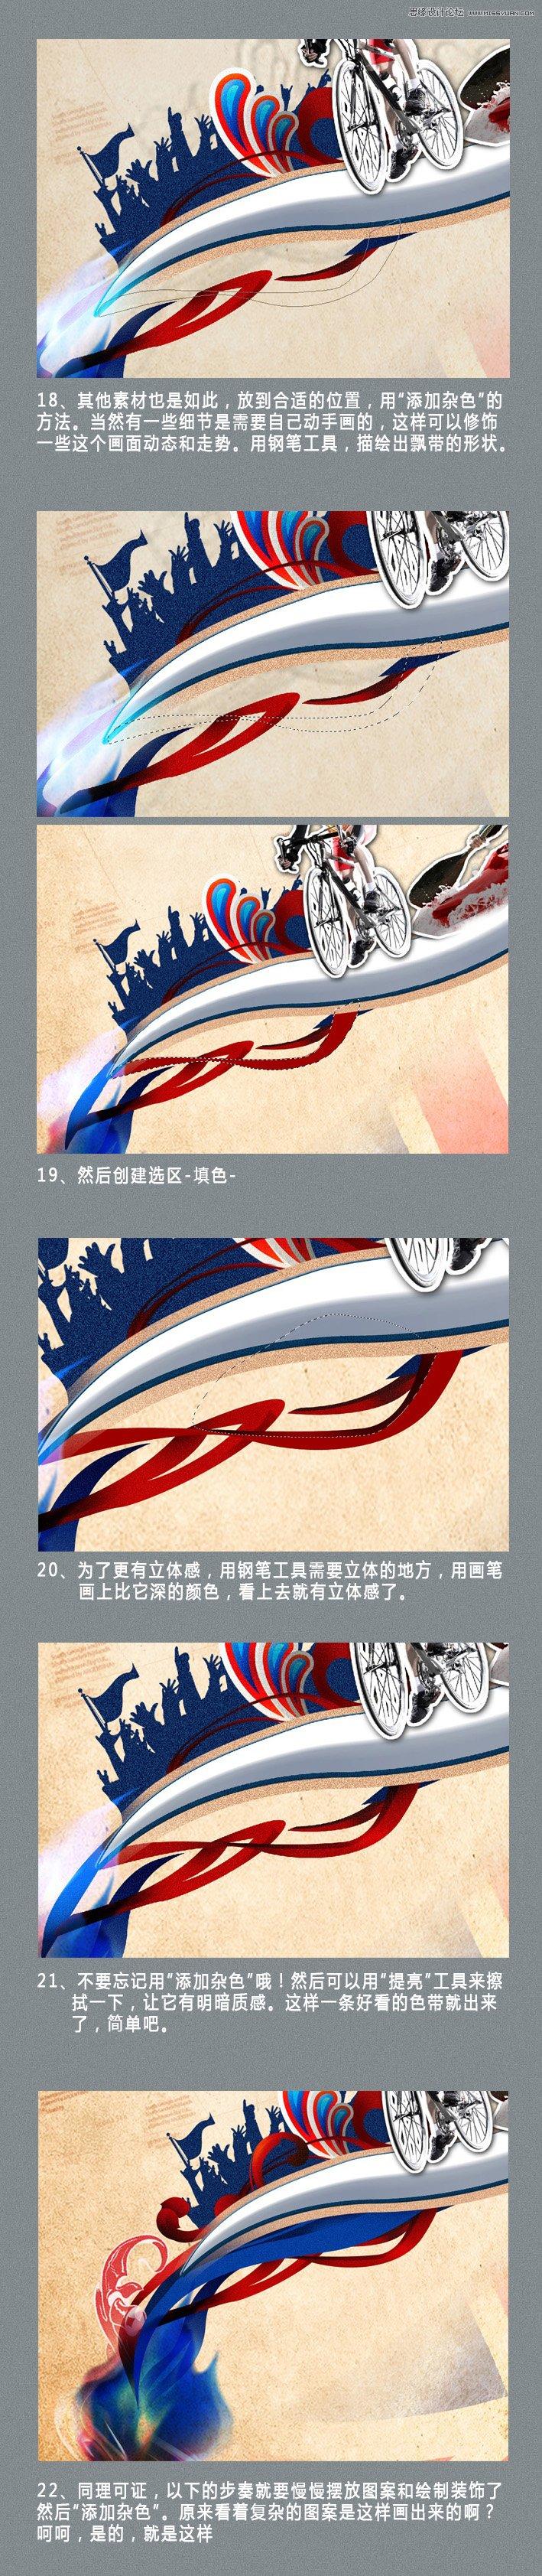 酒吧奧運海報設計思路方法